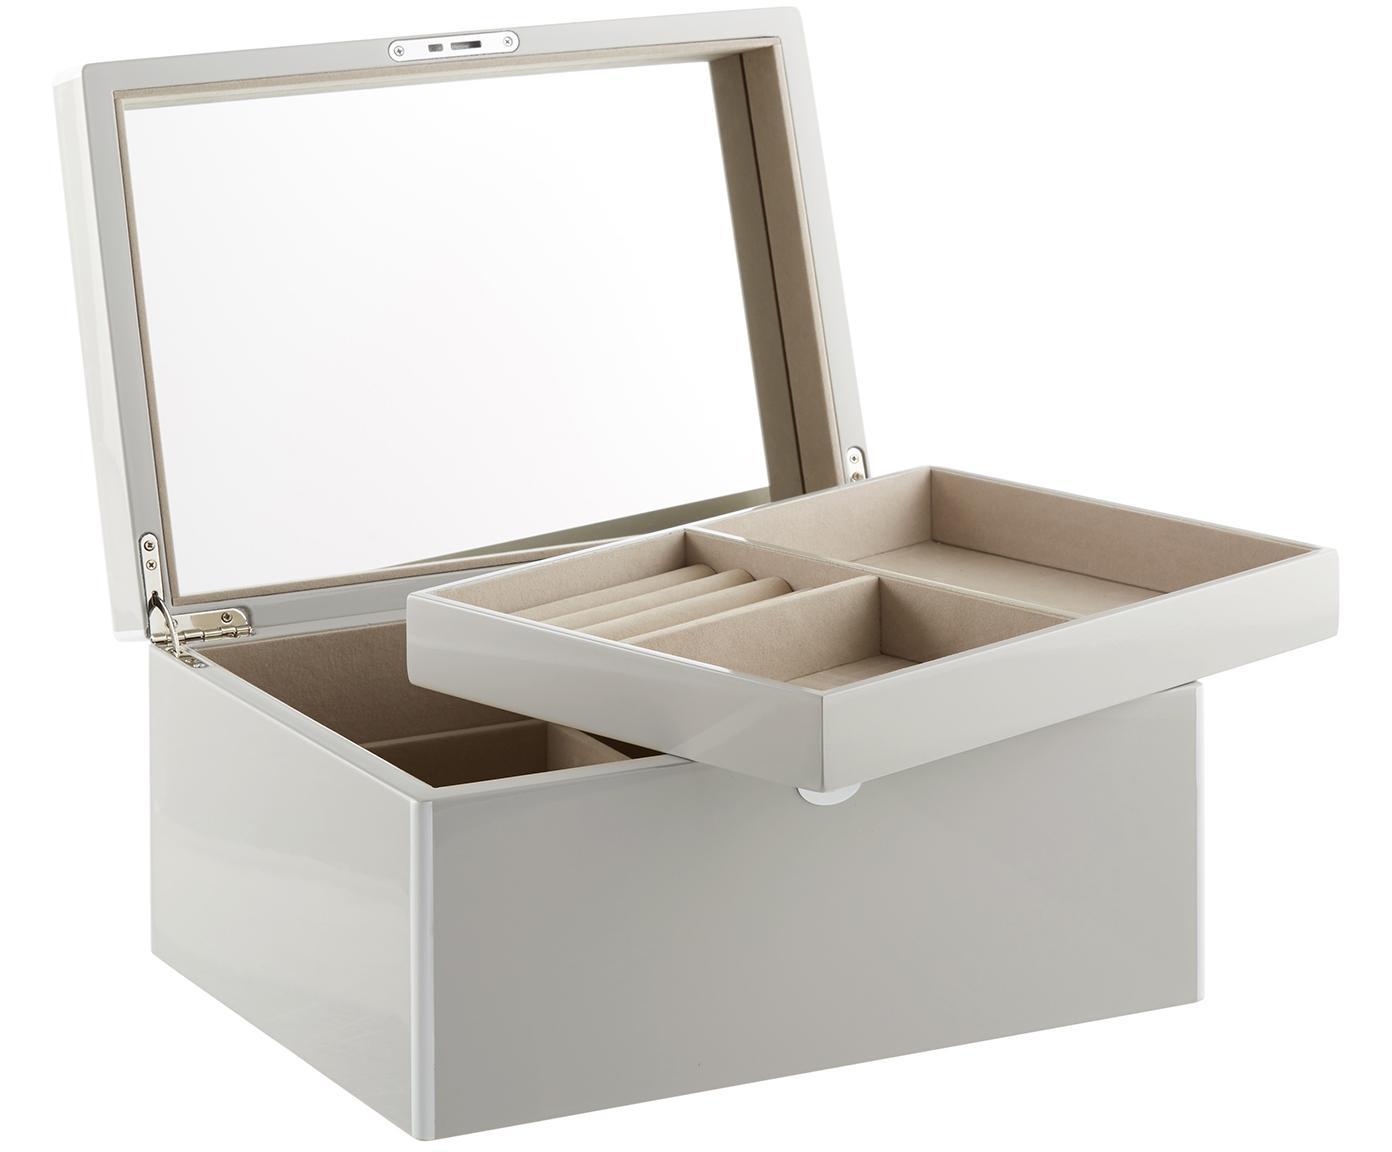 Sieradendoos Juliana met spiegel, Doos: gecoat MDF, Onderzijde: fluweel om het meubilair , Grijs met witte rand, 31 x 23 cm